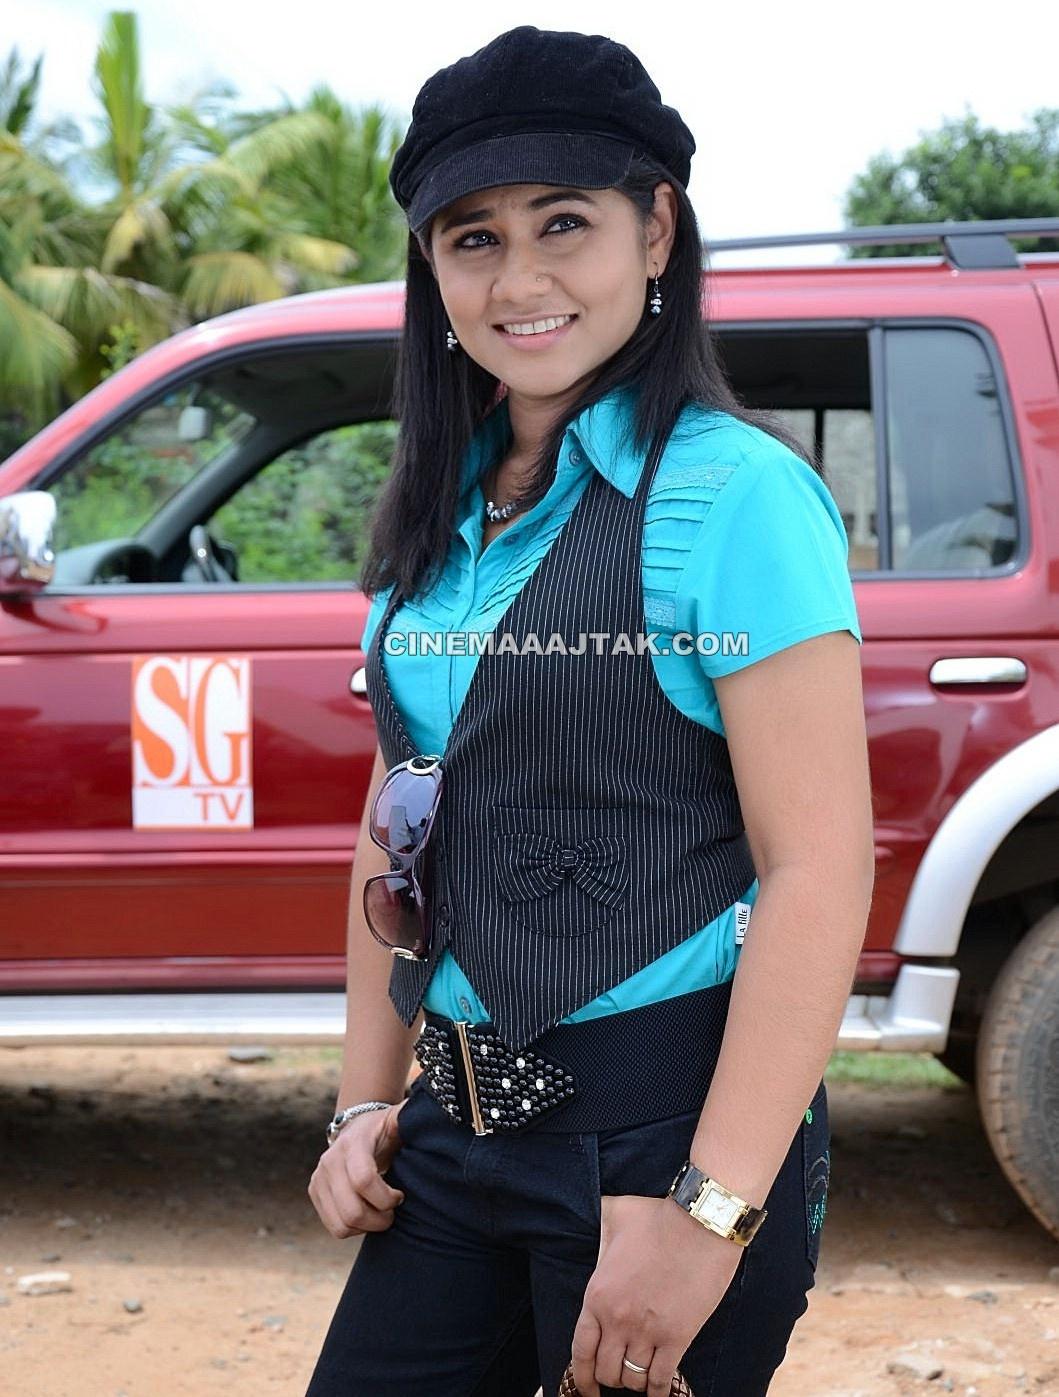 http://2.bp.blogspot.com/-U5uY04gtFhc/TpILN9pTC5I/AAAAAAAAEn0/hAJ9EV7Mlco/s1600/Actress+Punnagai+Poo+Gheetha+Exclusive+Images+%25281%2529.jpg